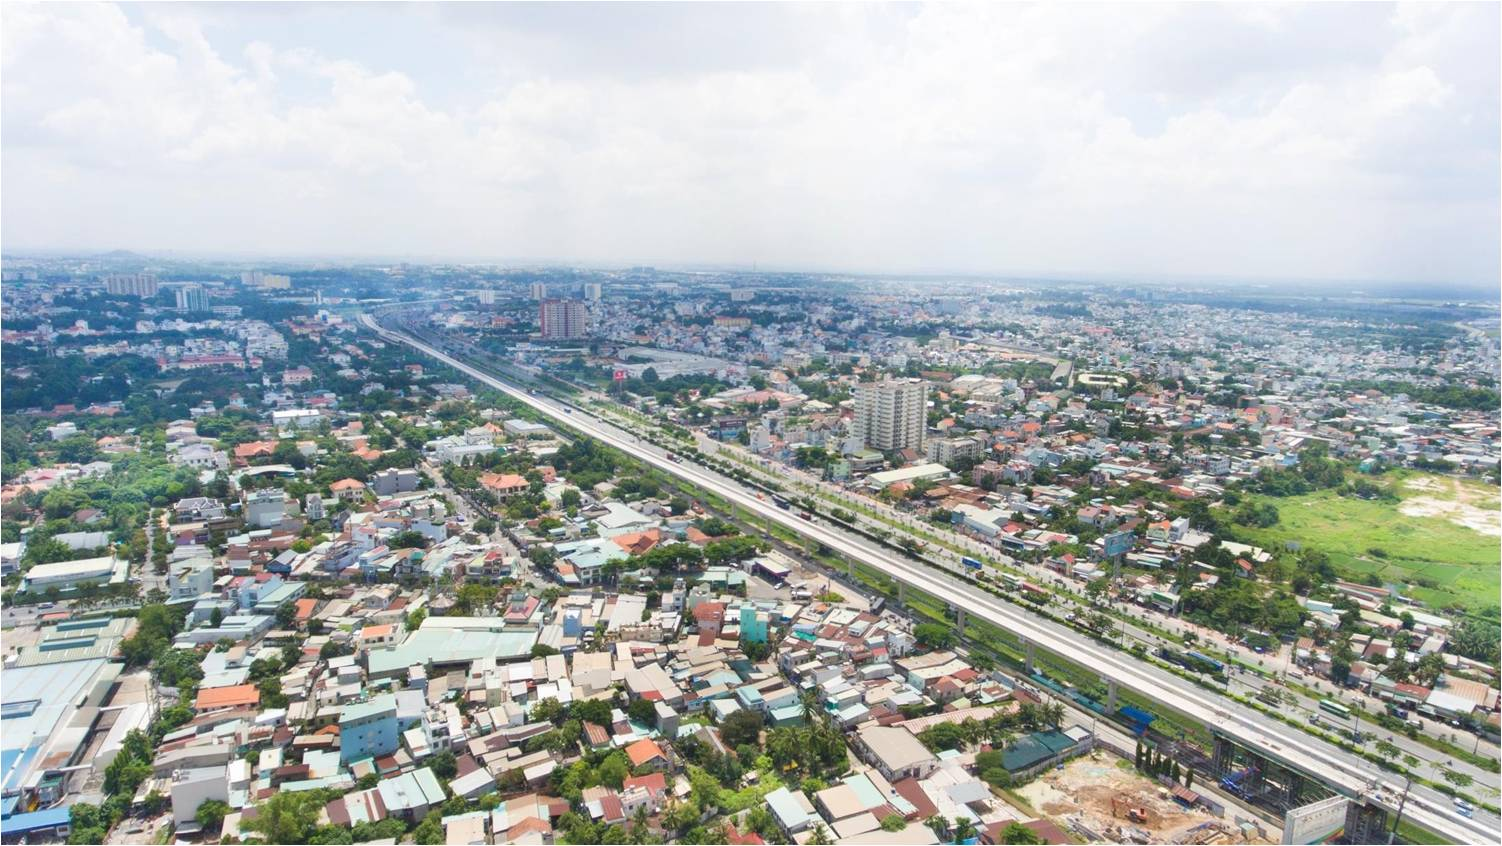 http://hungthinh.net.vn/du-an-can-ho-lavita-charm-quan-thu-duc.html